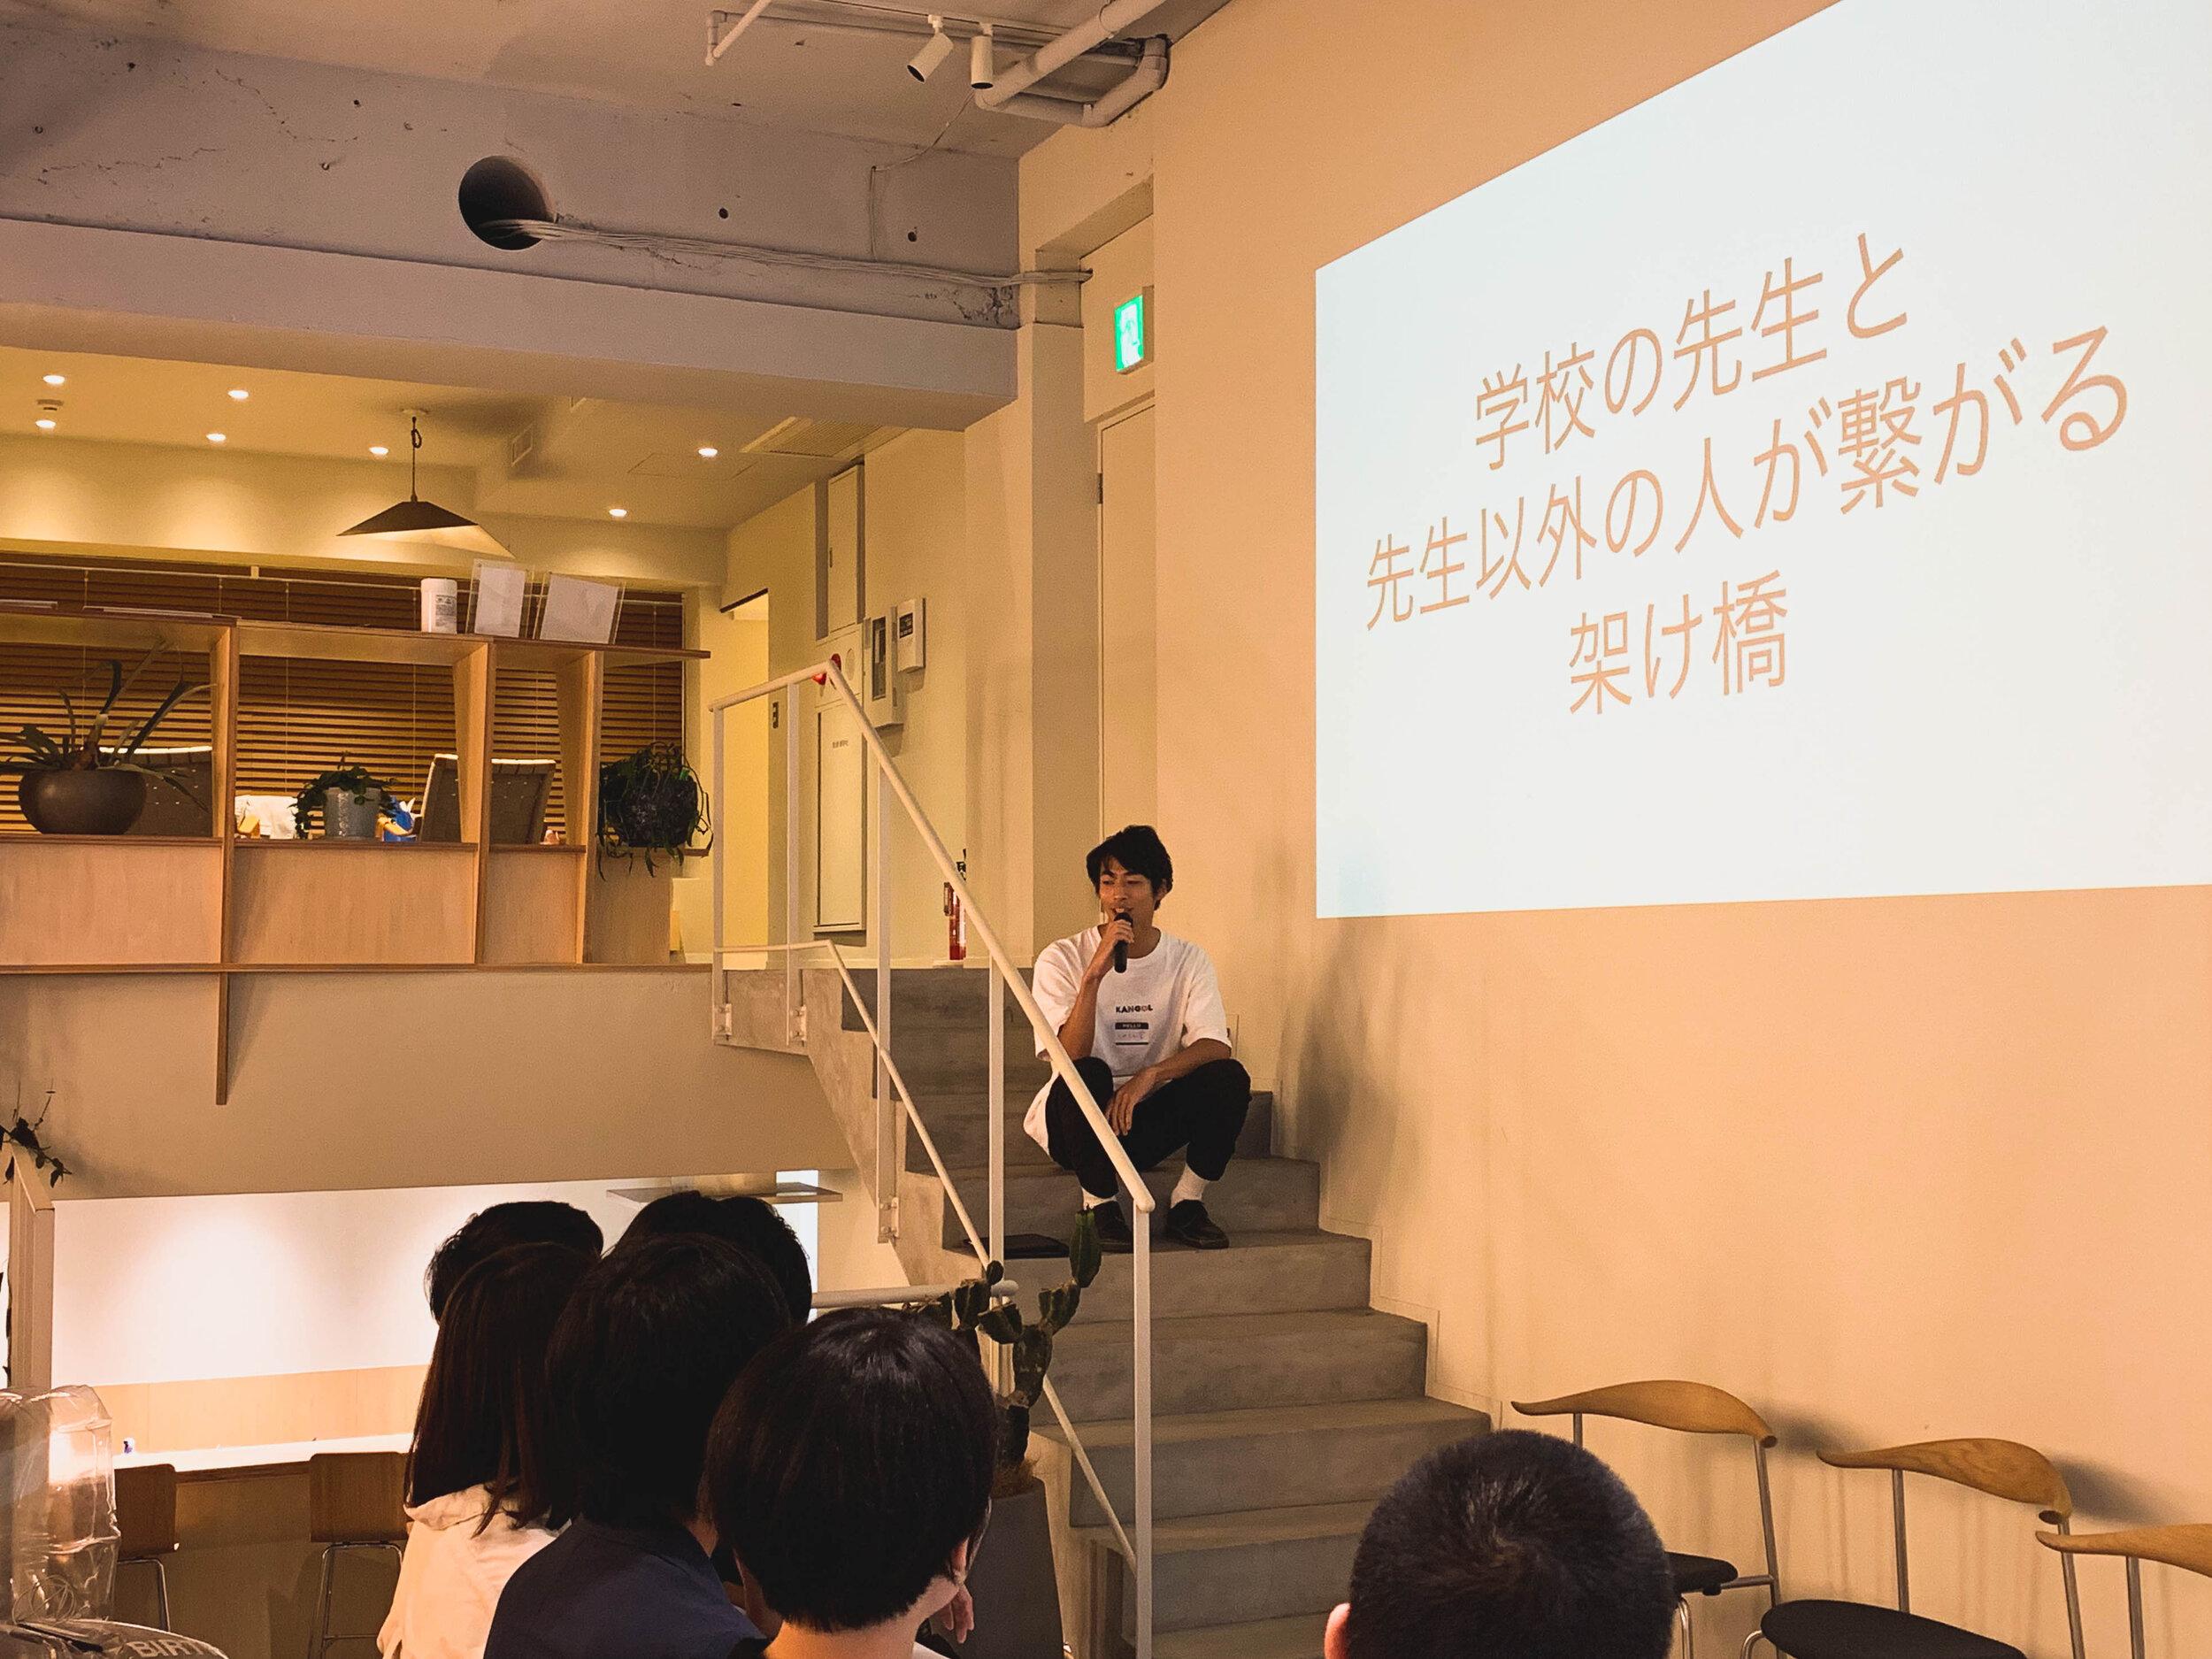 BUFF_RAPPEL-shinobu-2.jpg